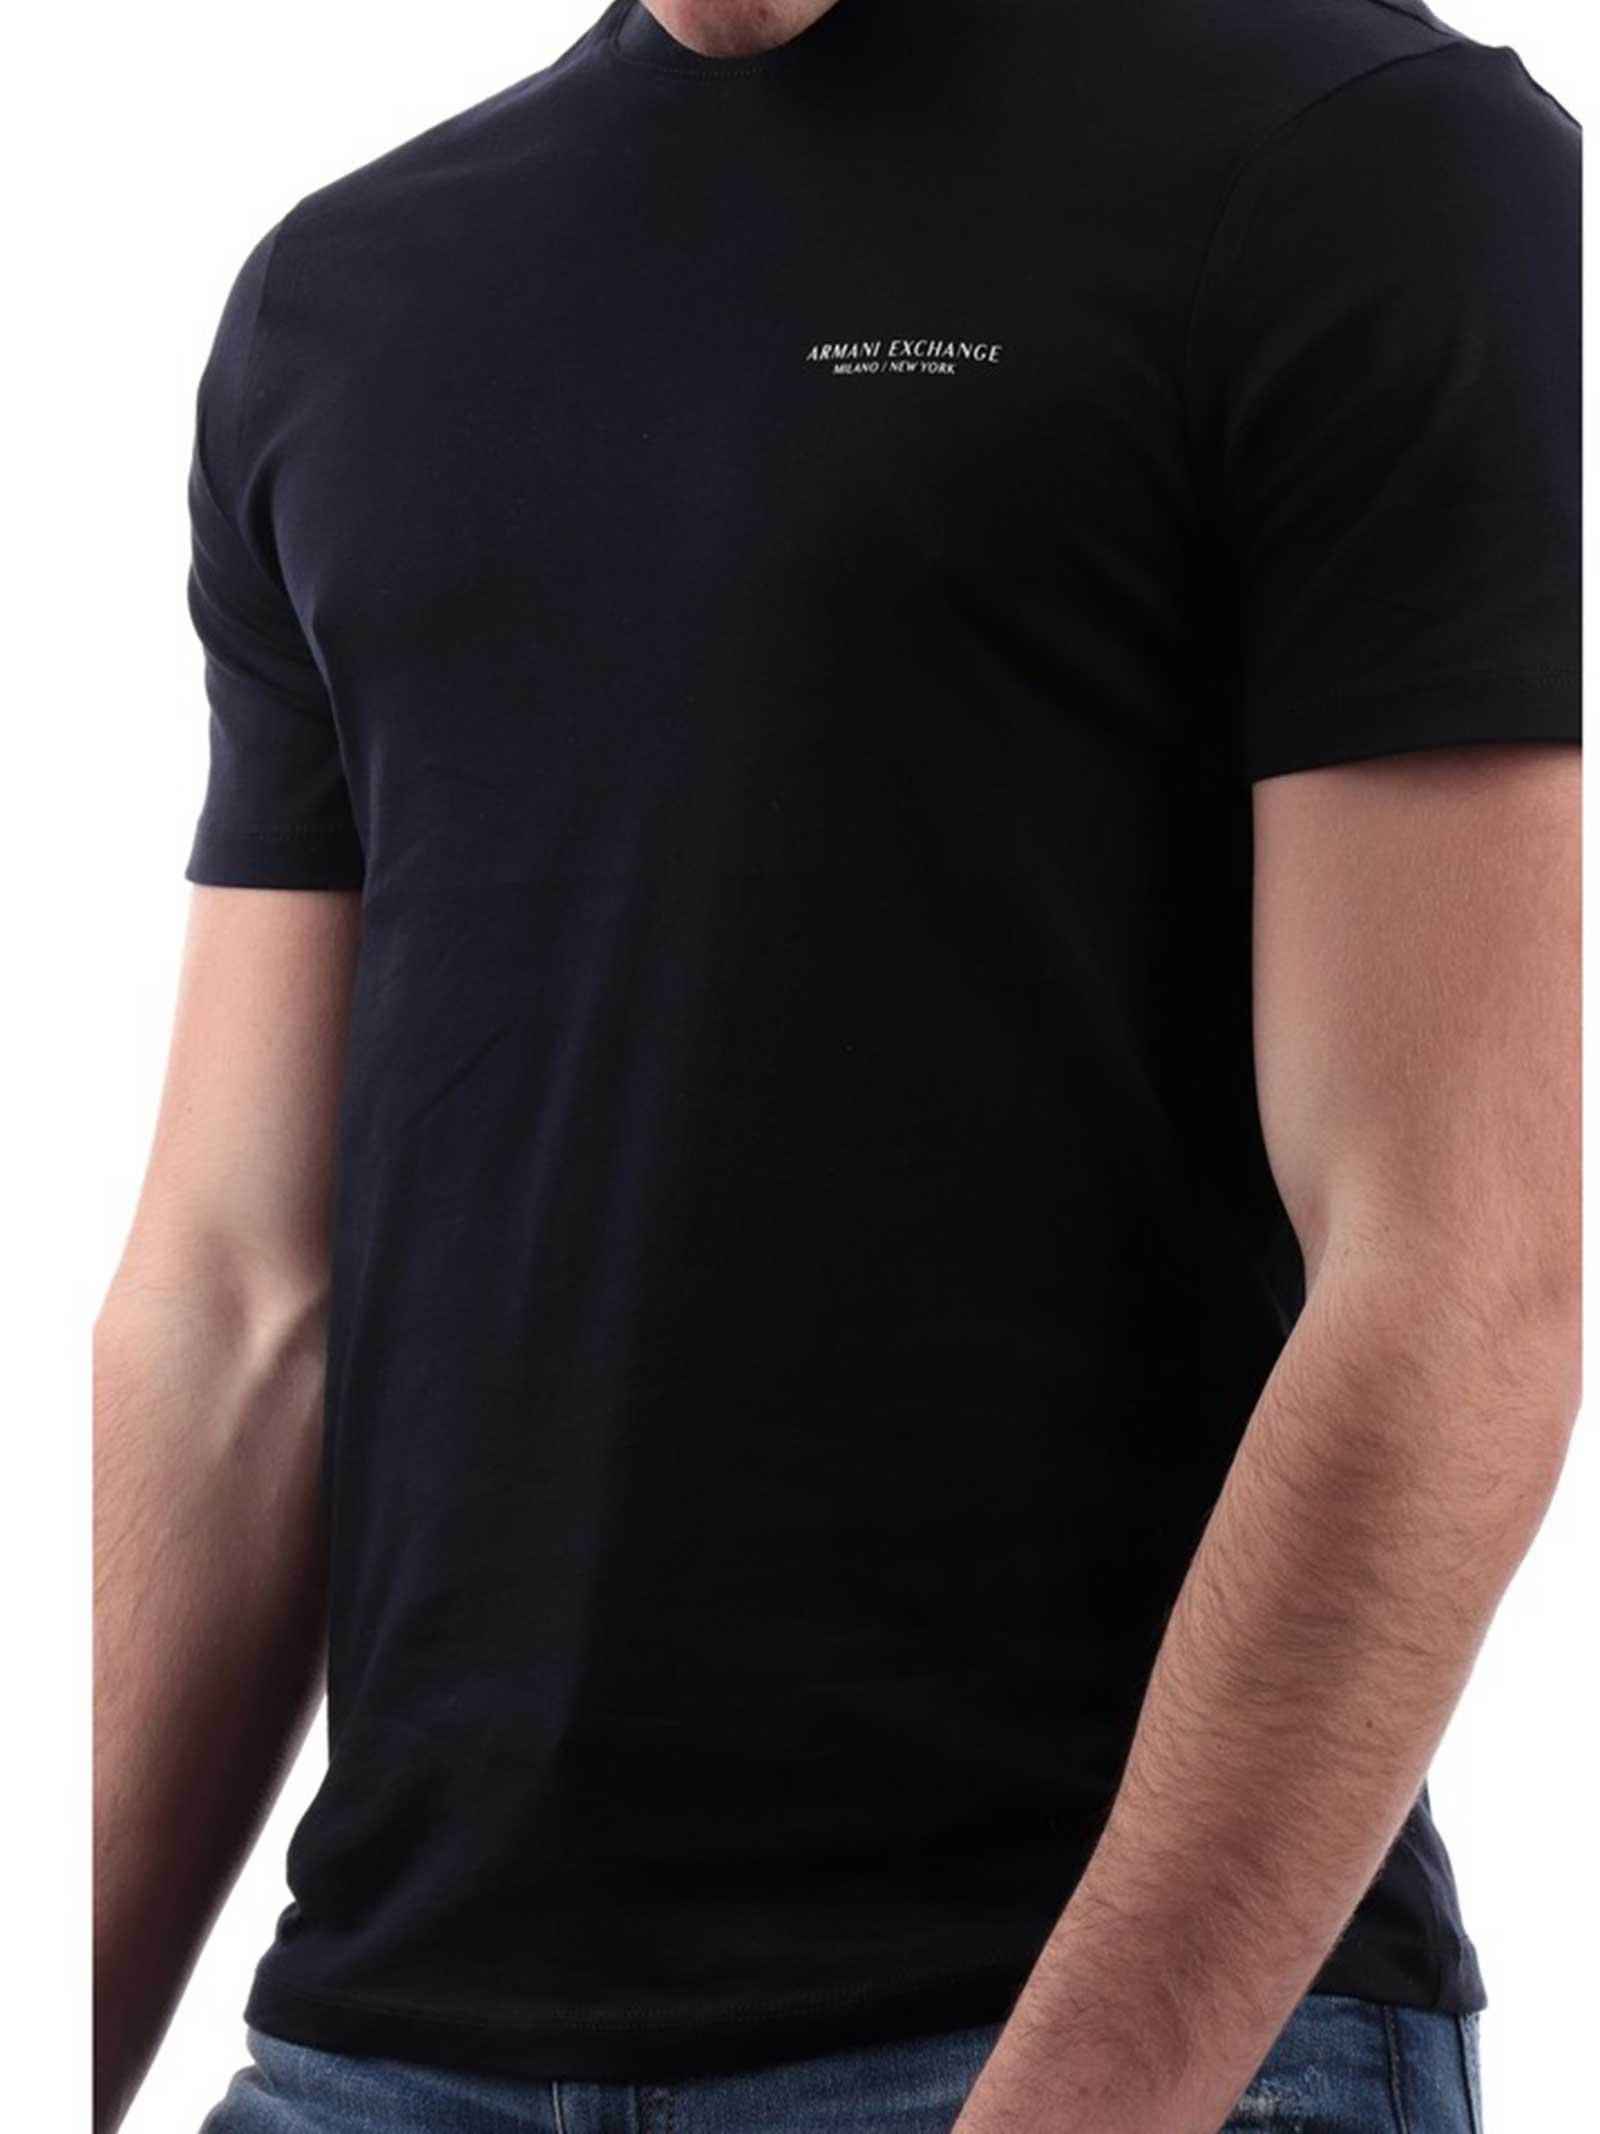 T-SHIRT UOMO ARMANI EXCHANGE   T-shirt   8NZT91-Z8H4Z1510